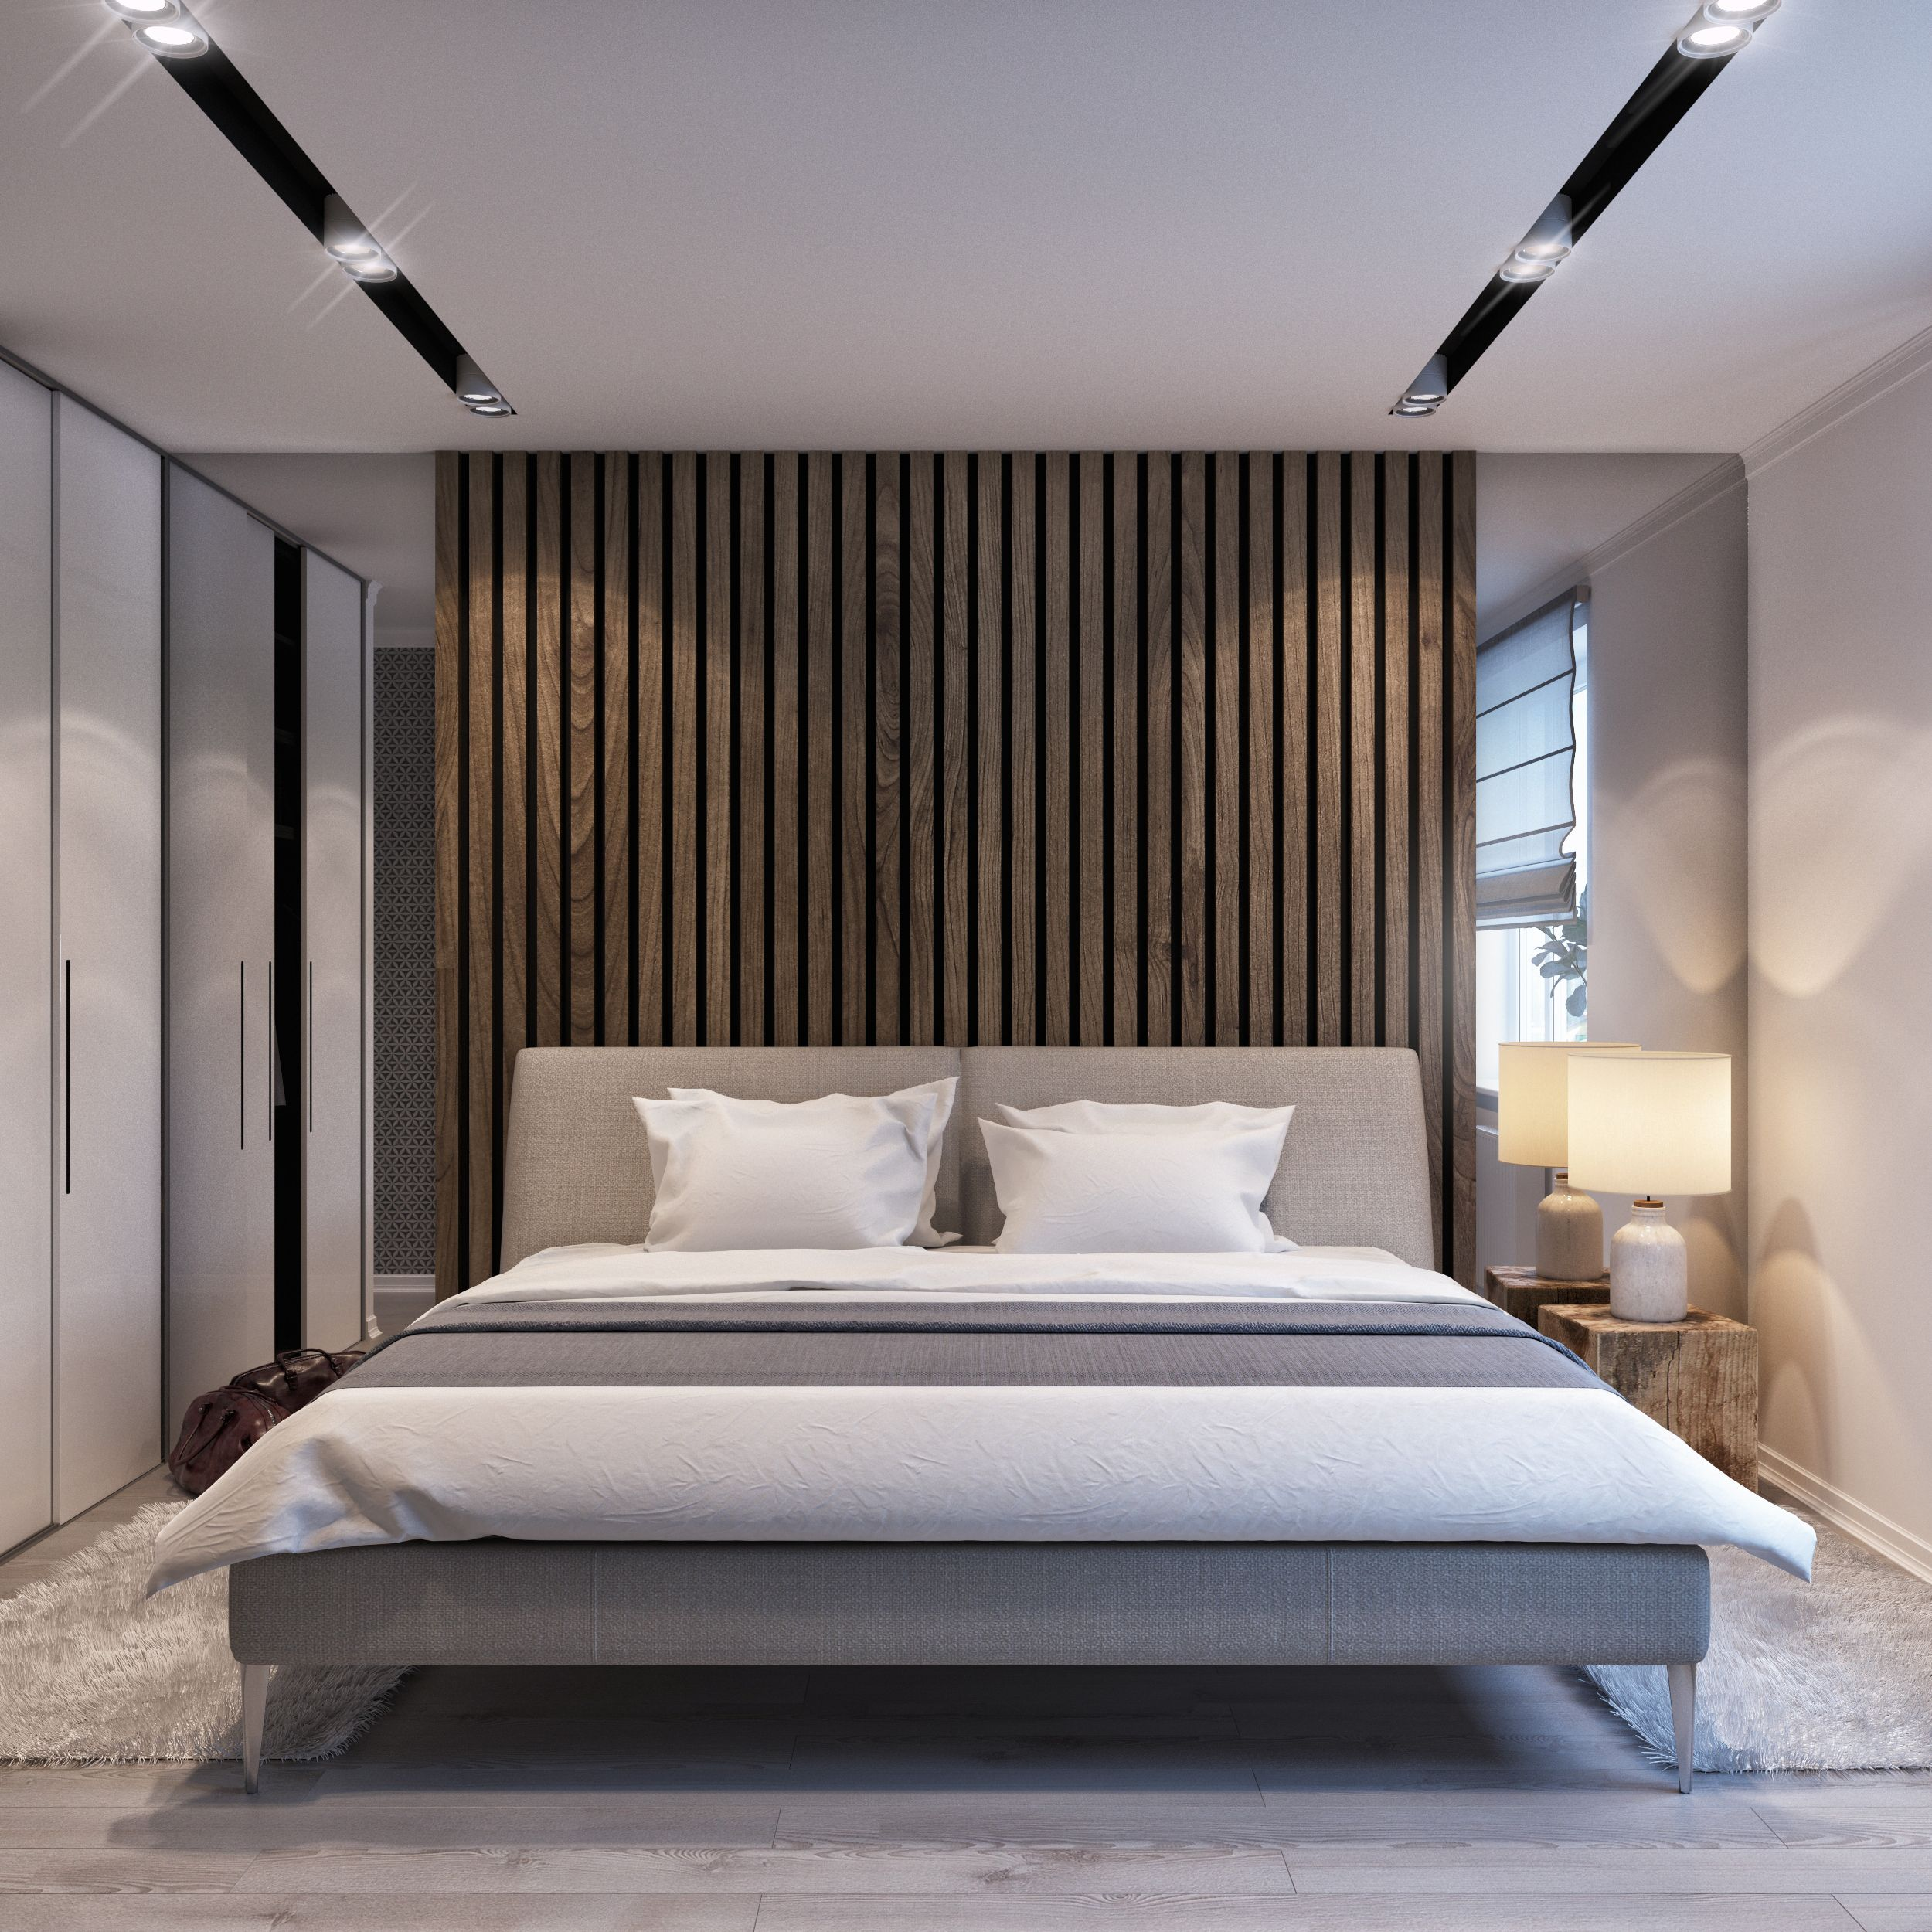 современные спальни дизайн: Пин от пользователя Irina Yavtushenko на доске Современный